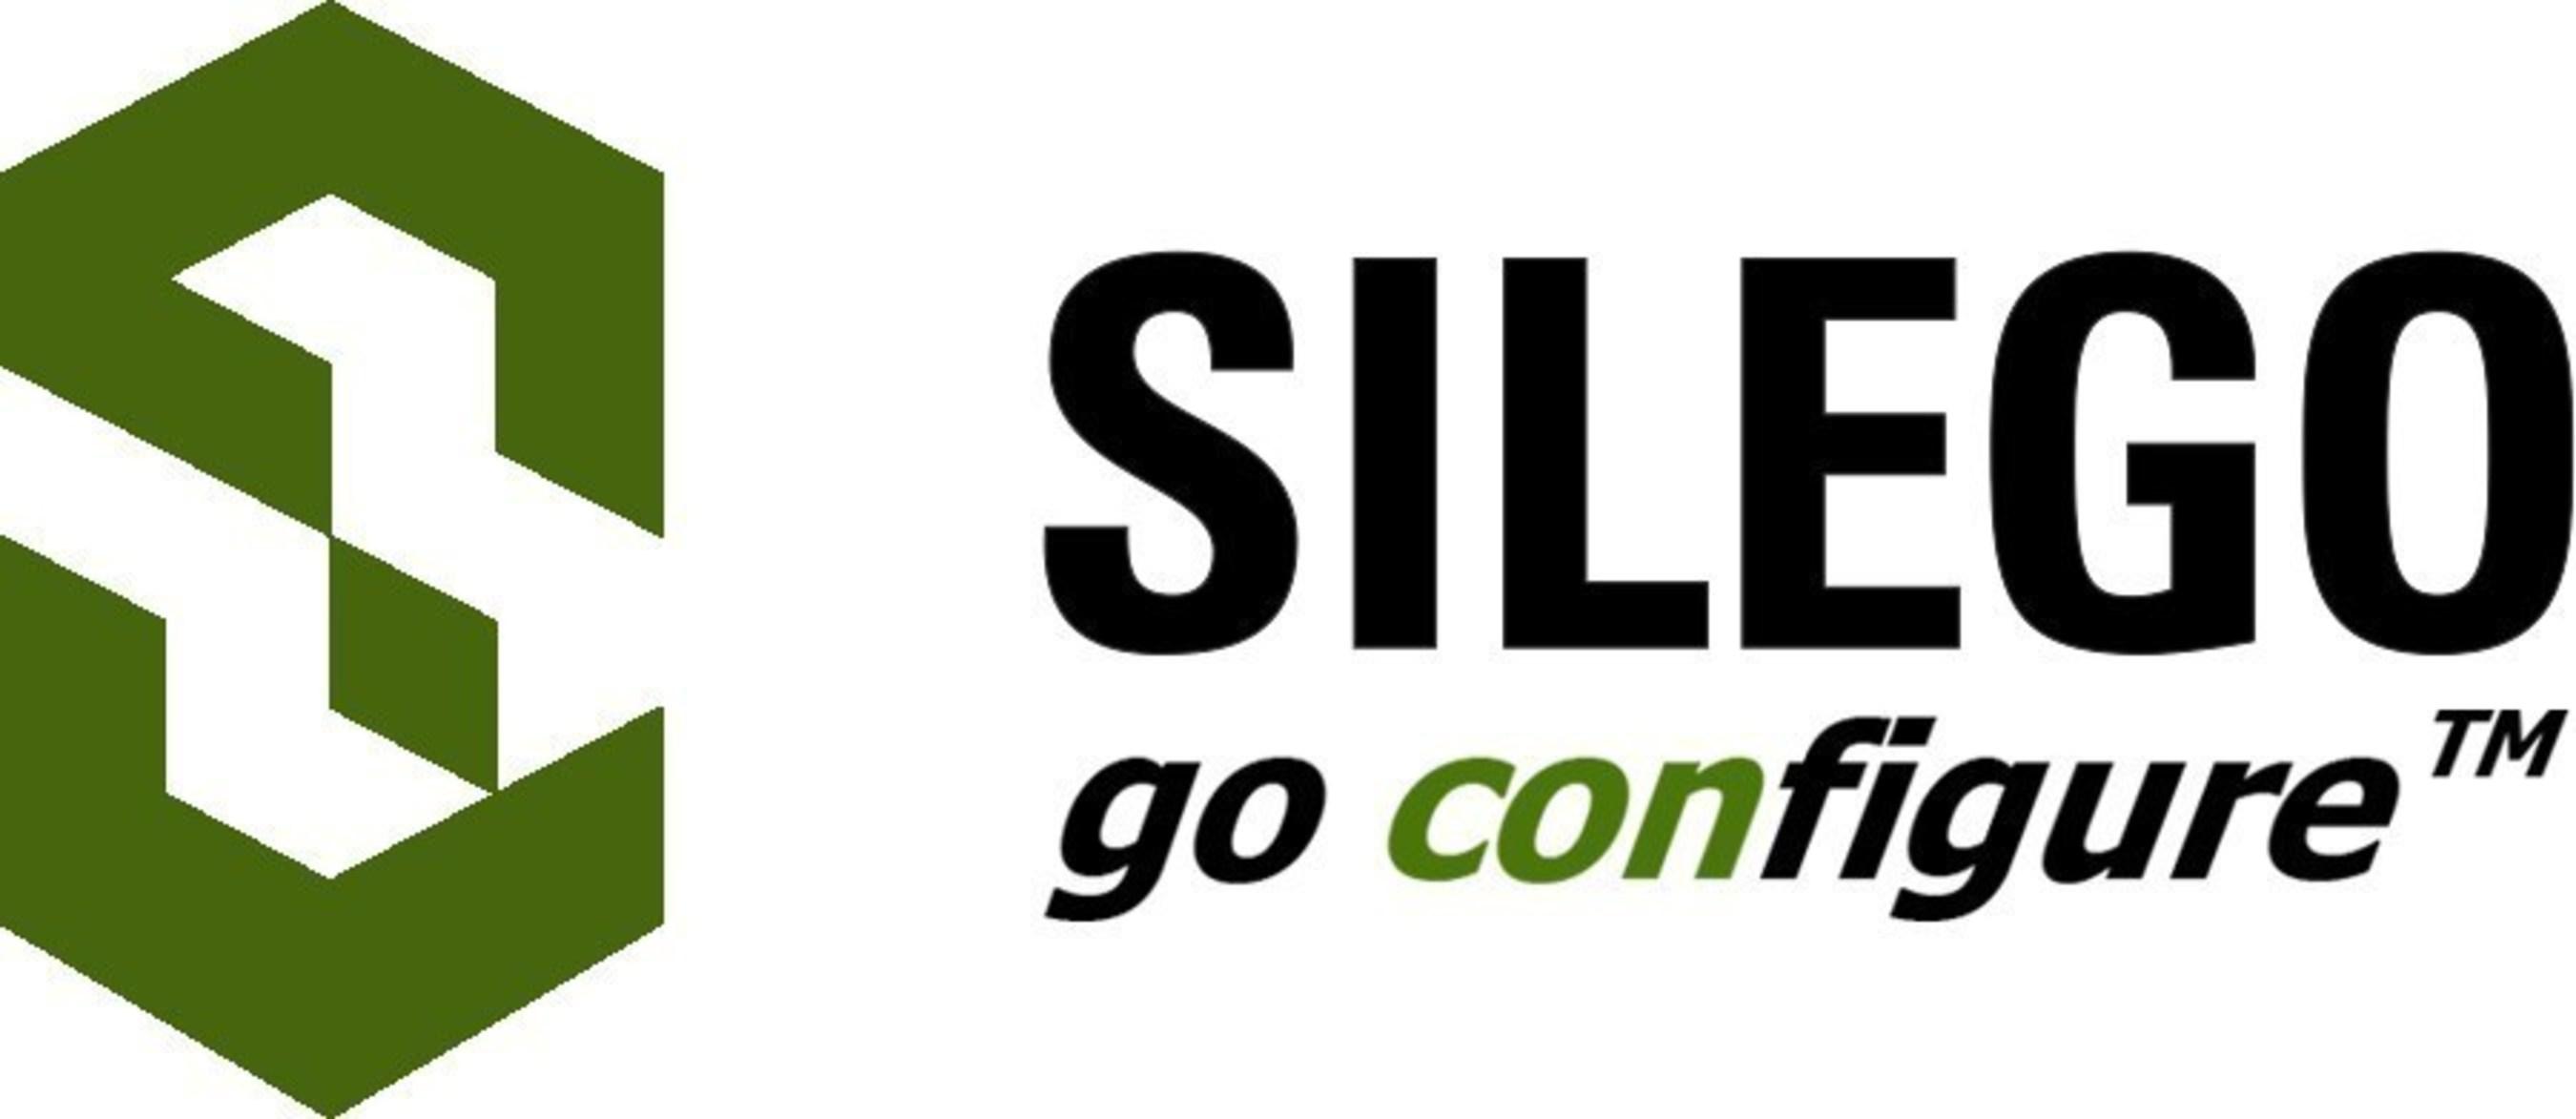 Silego Names John Teegen as Next Chief Executive Officer